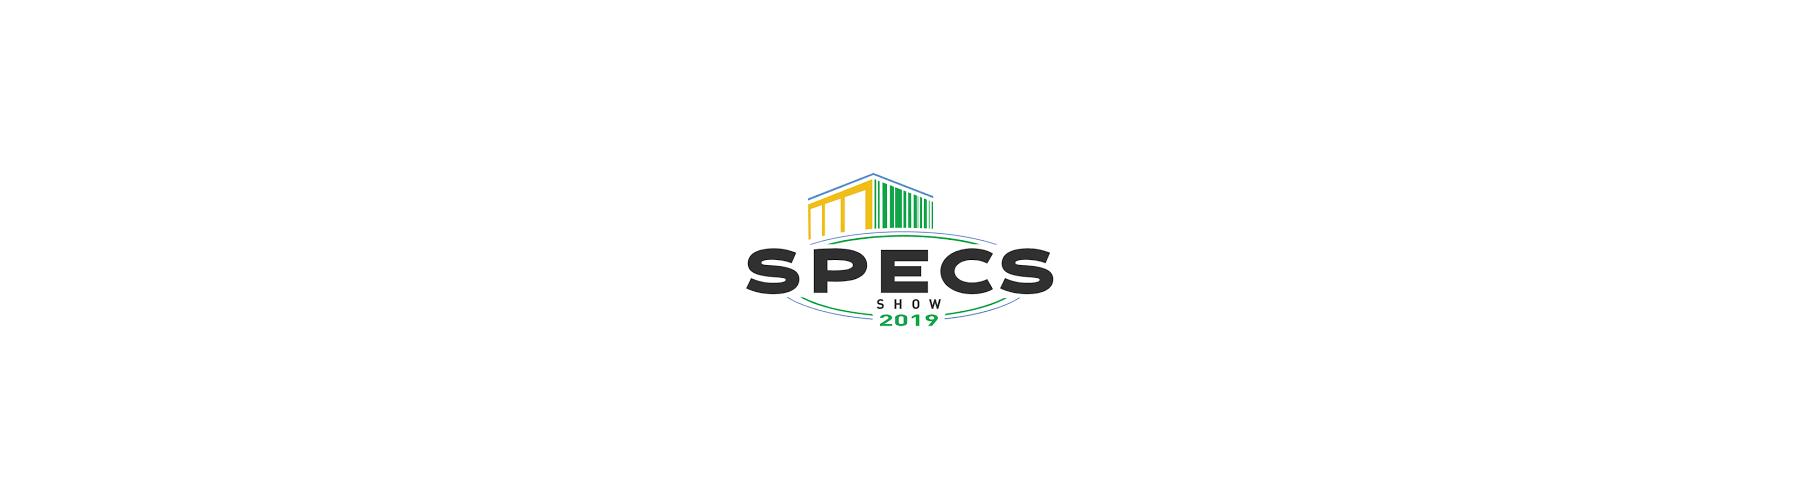 SPECS SHOW 2019